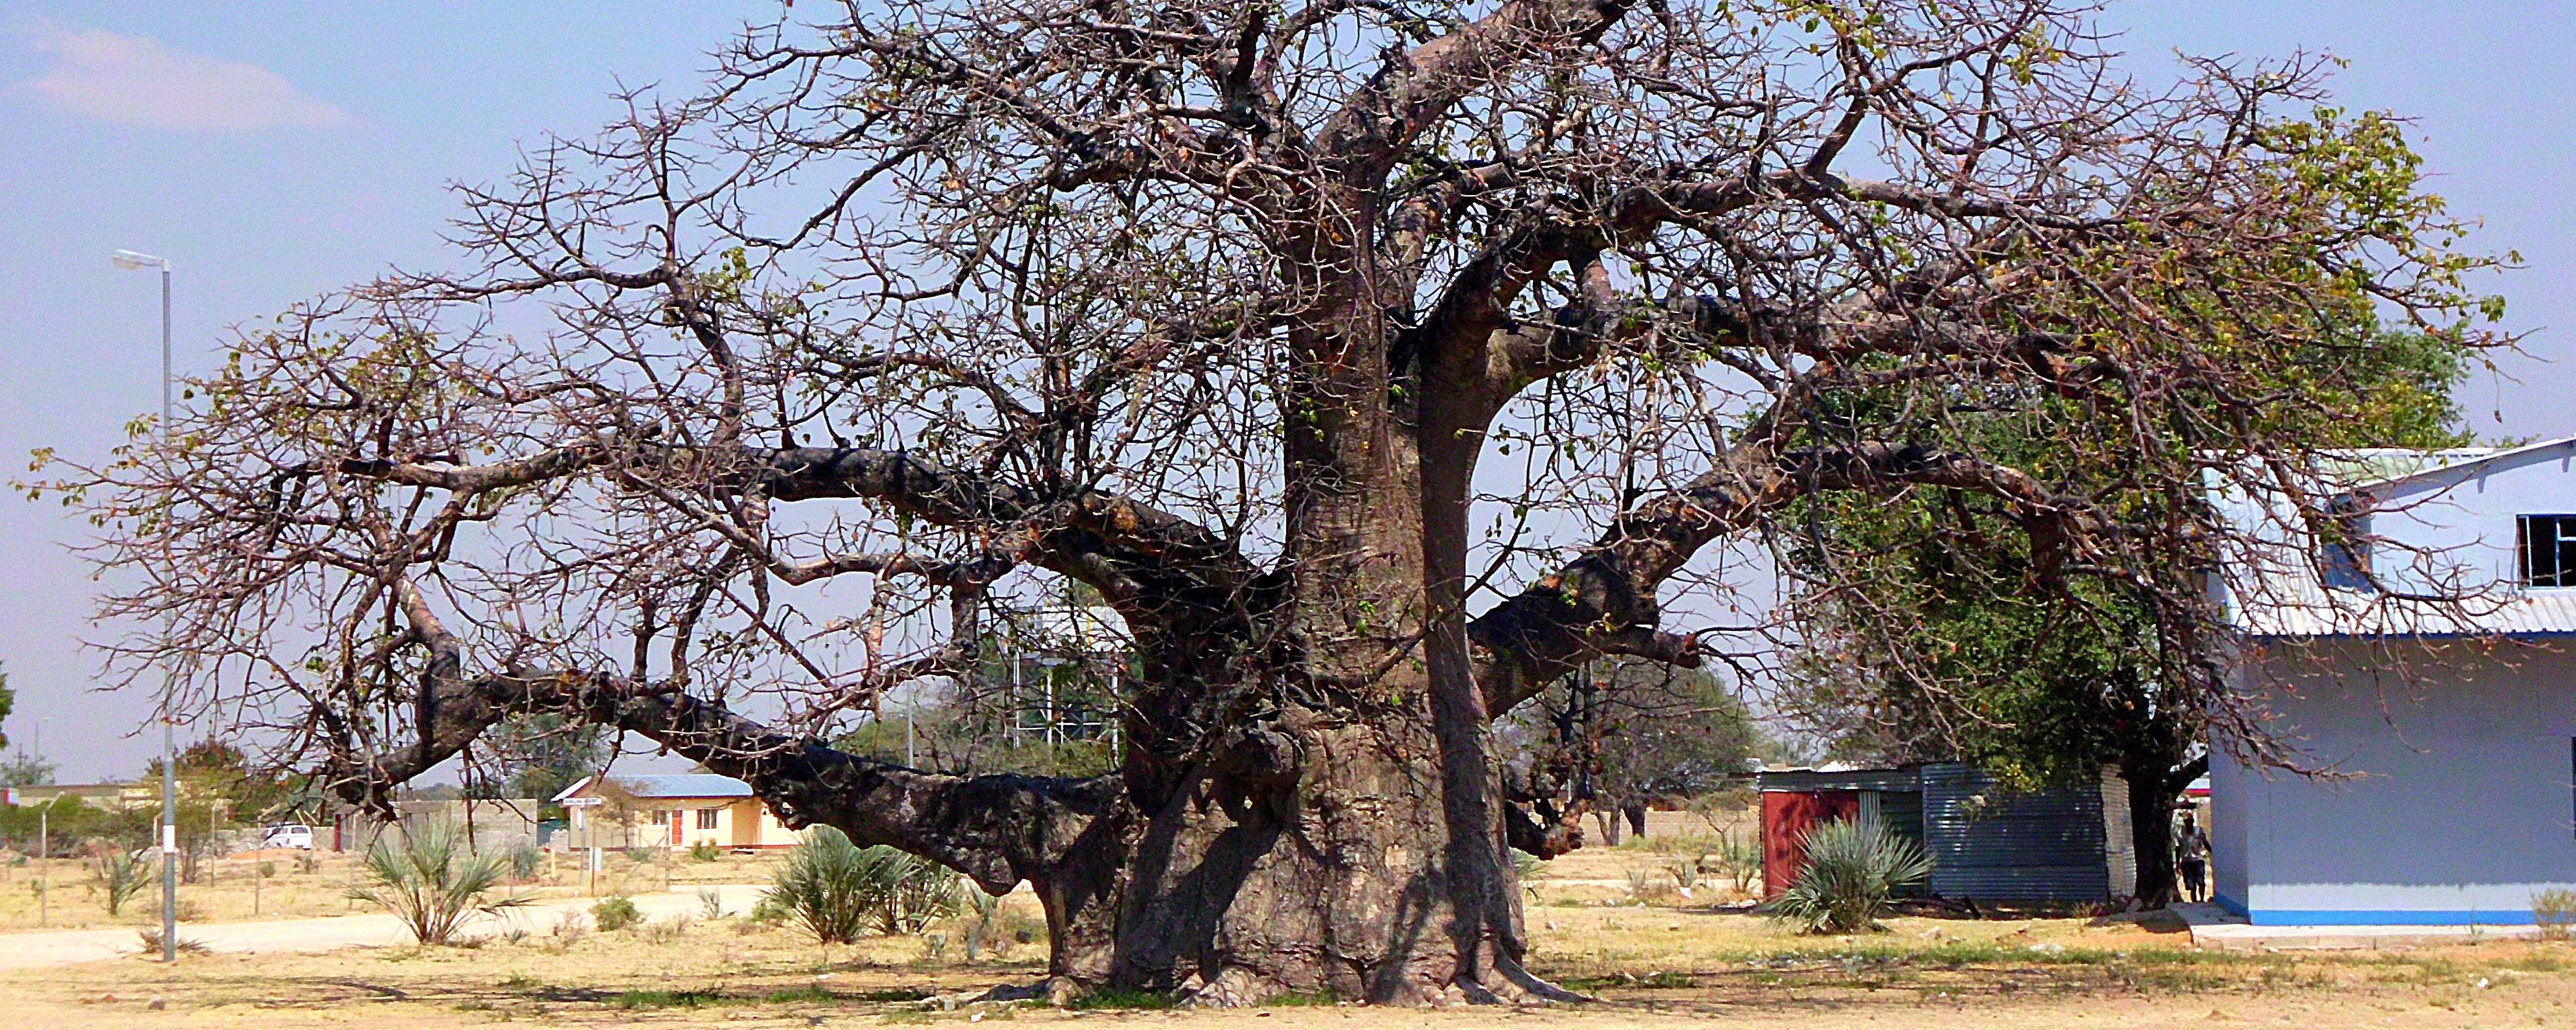 Der mächtige Baobab-Baum – das Sinnbild der afrikanischen Savanne. Dieser Baum steht in Namibia.